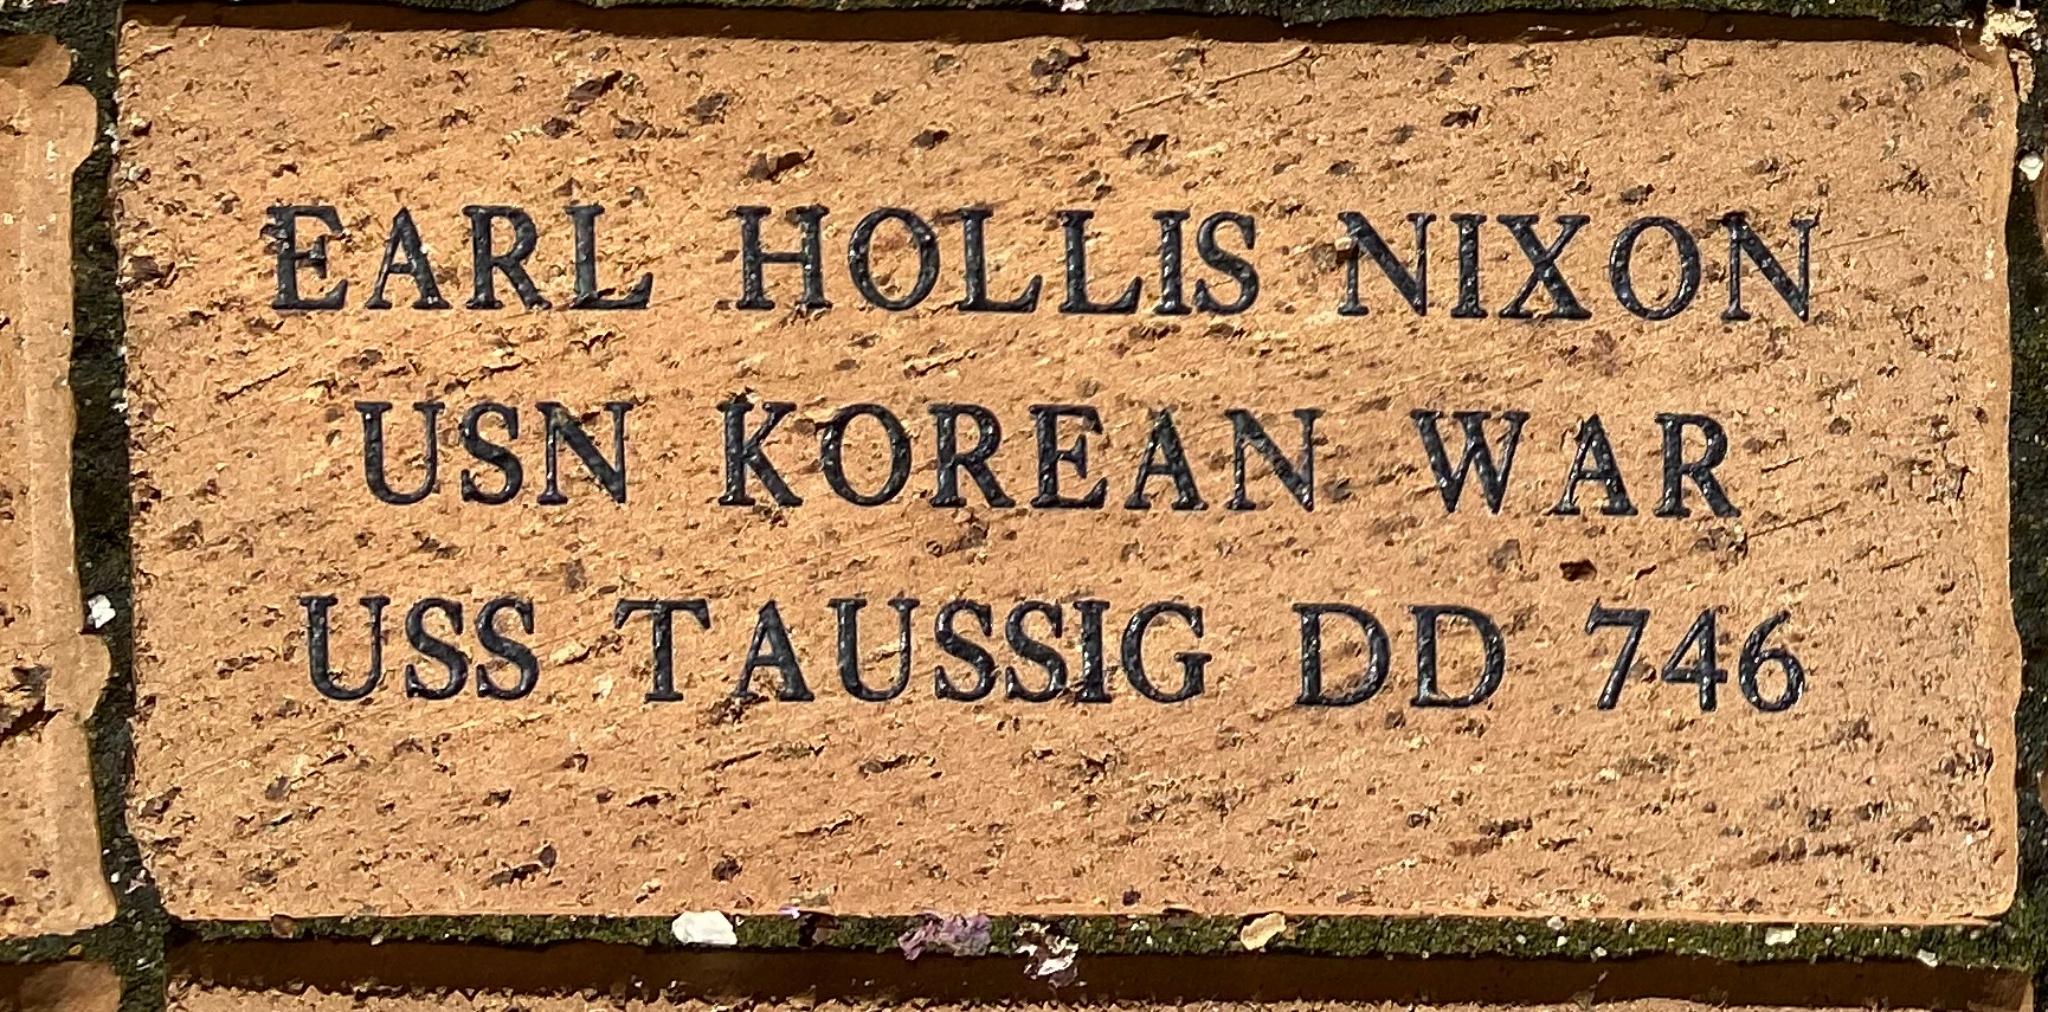 EARL HOLLIS NIXON USN Korean War USS TAUSSIG DD746